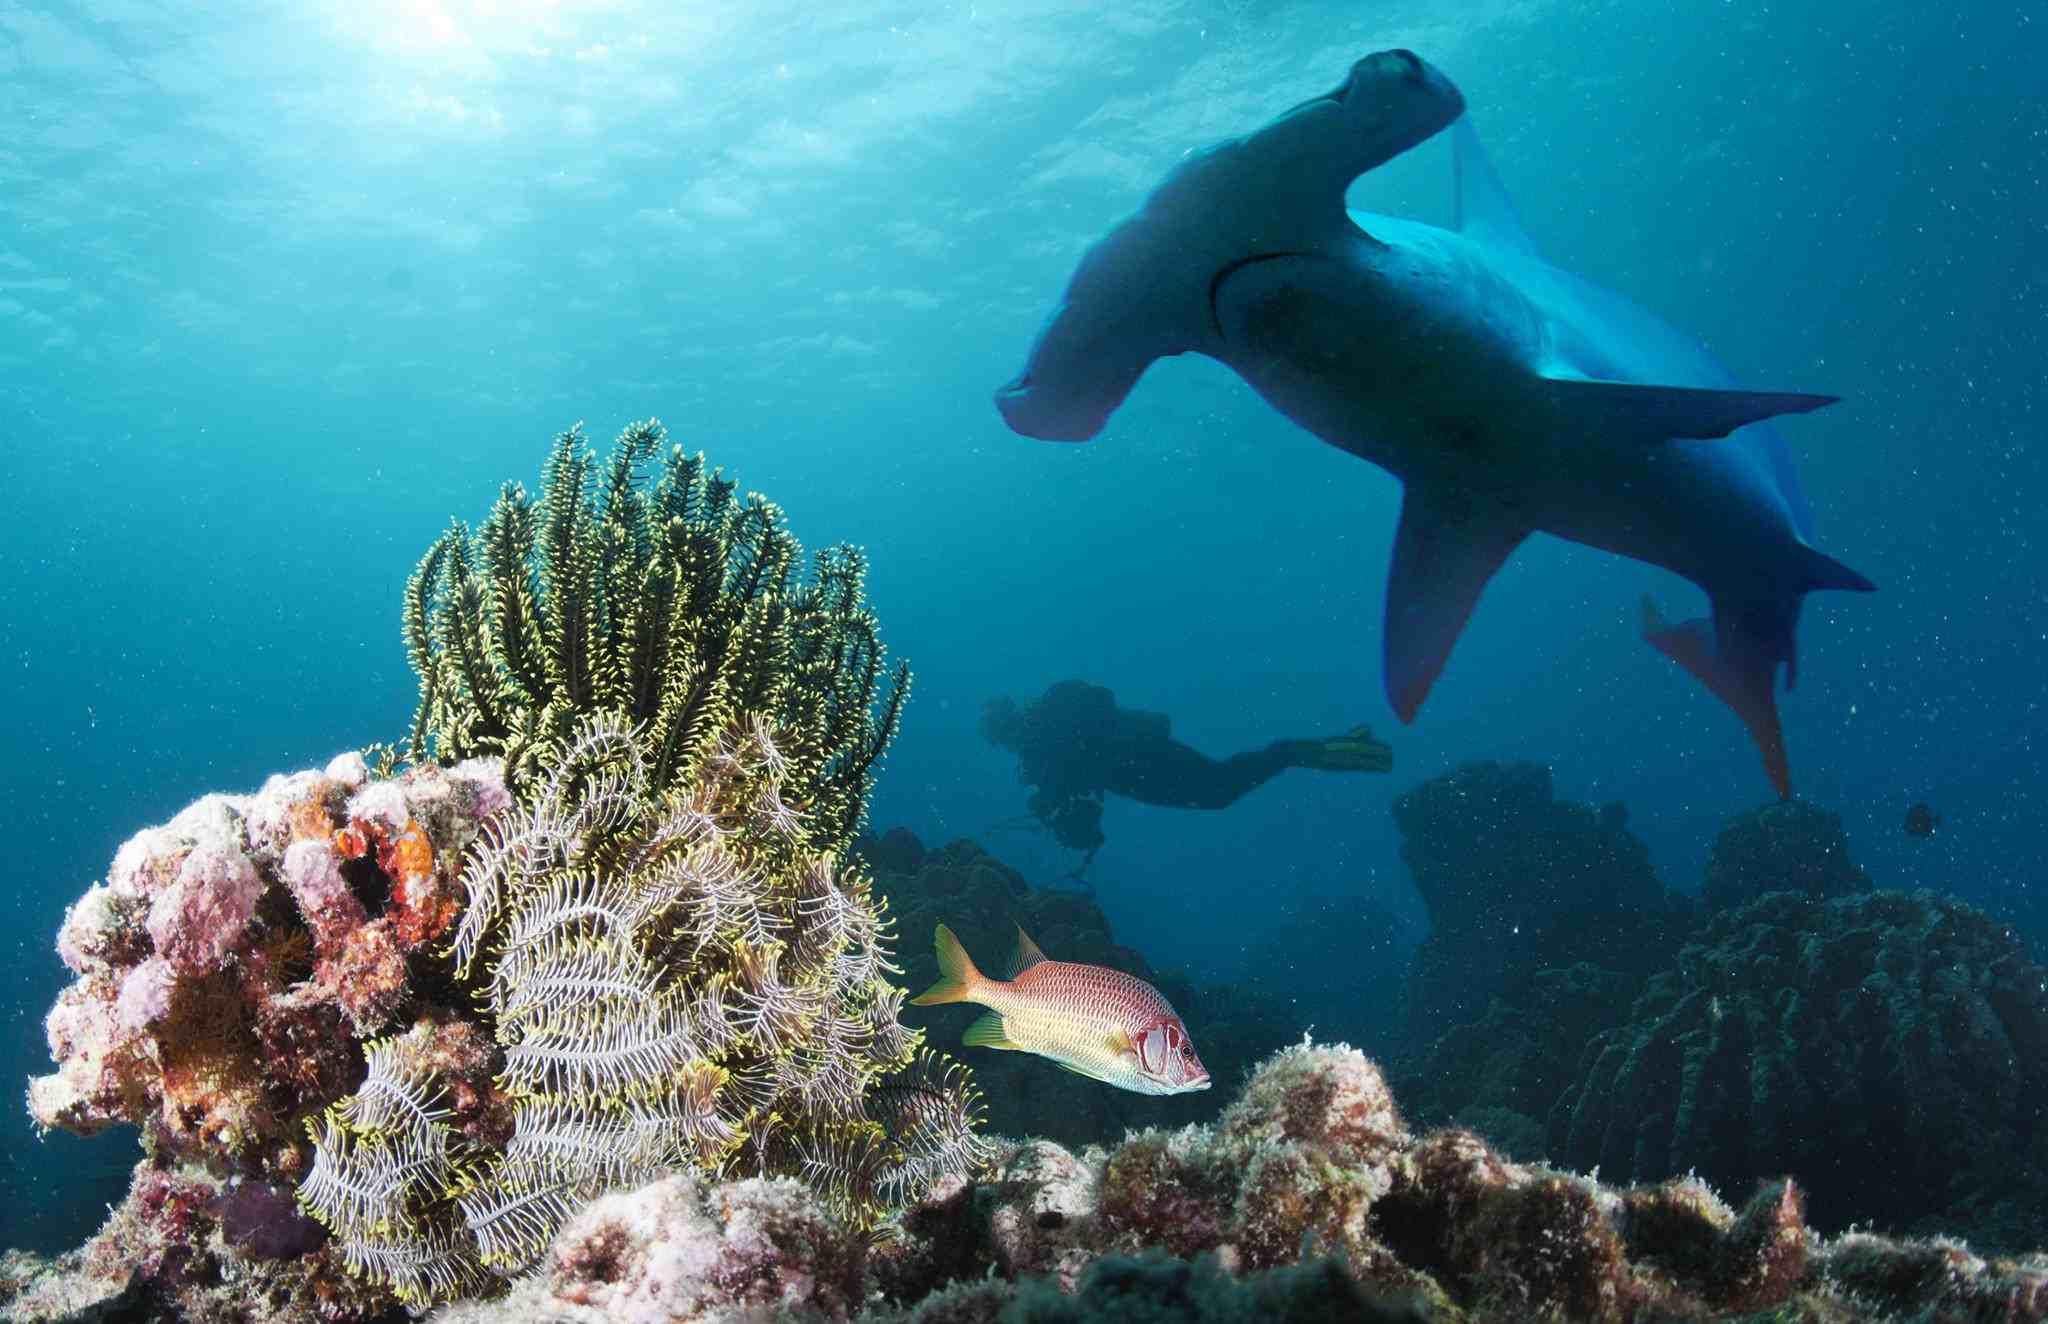 Hammer head shark and scuba diver at Layang-Layang resort